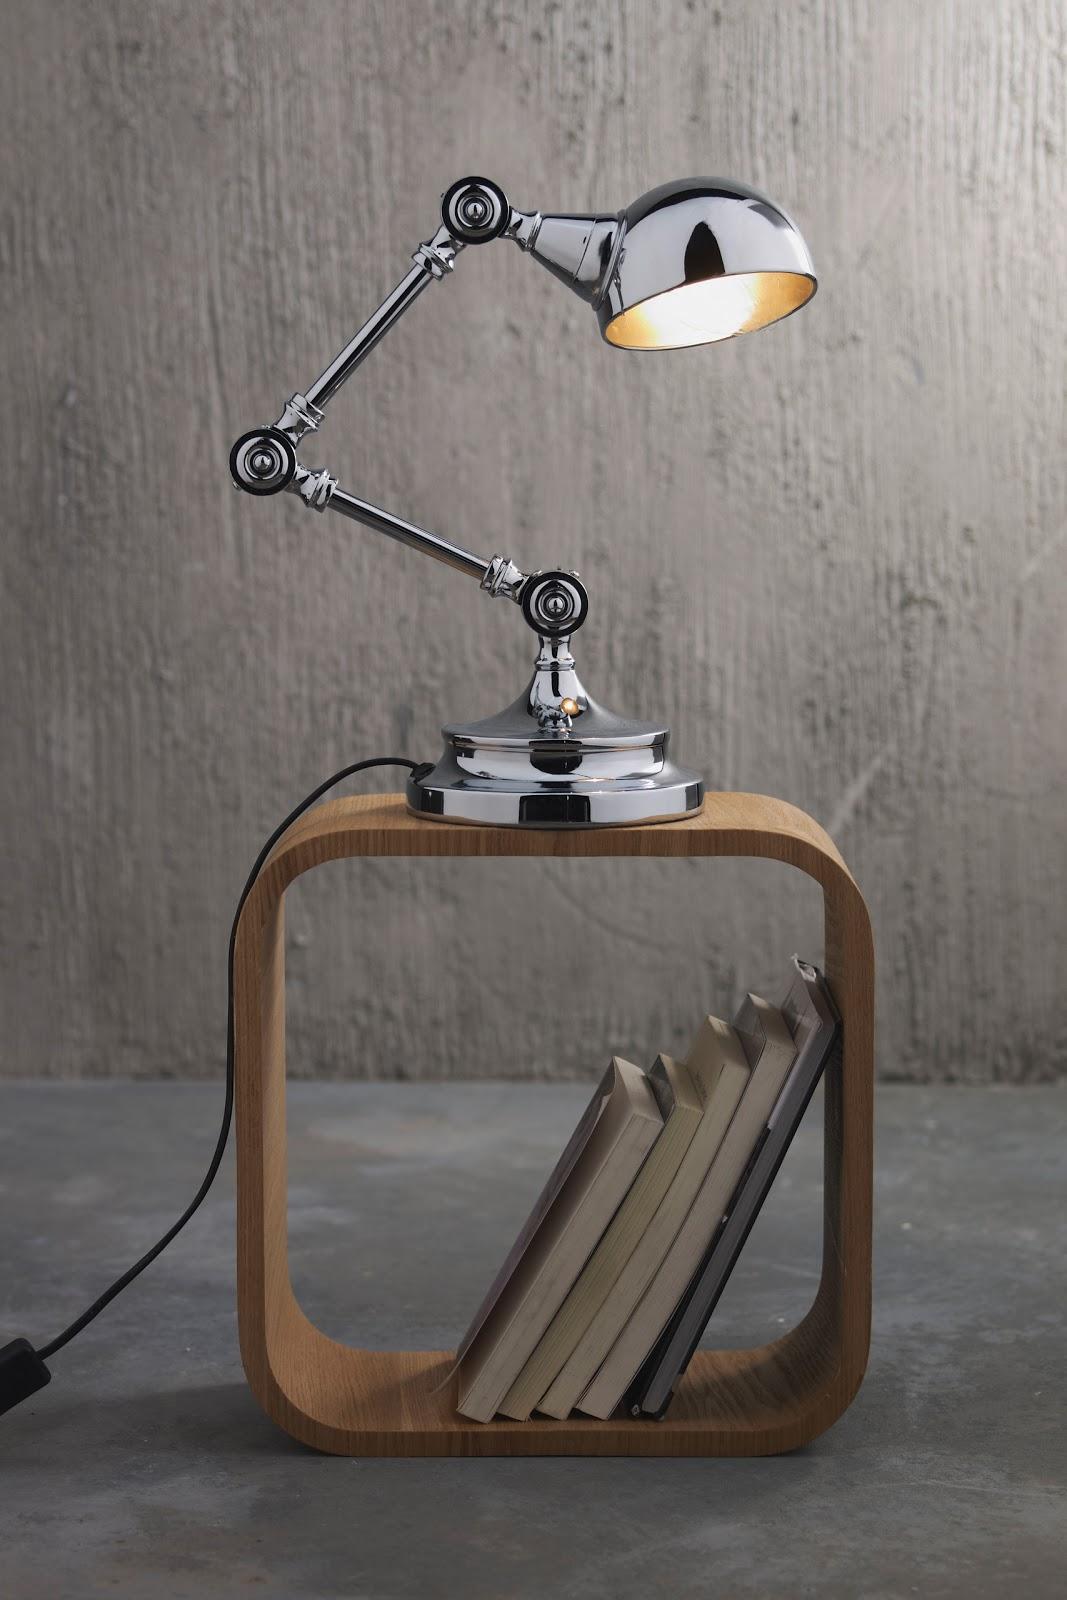 Lampe de bureau castorama - Lampe de bureau castorama ...